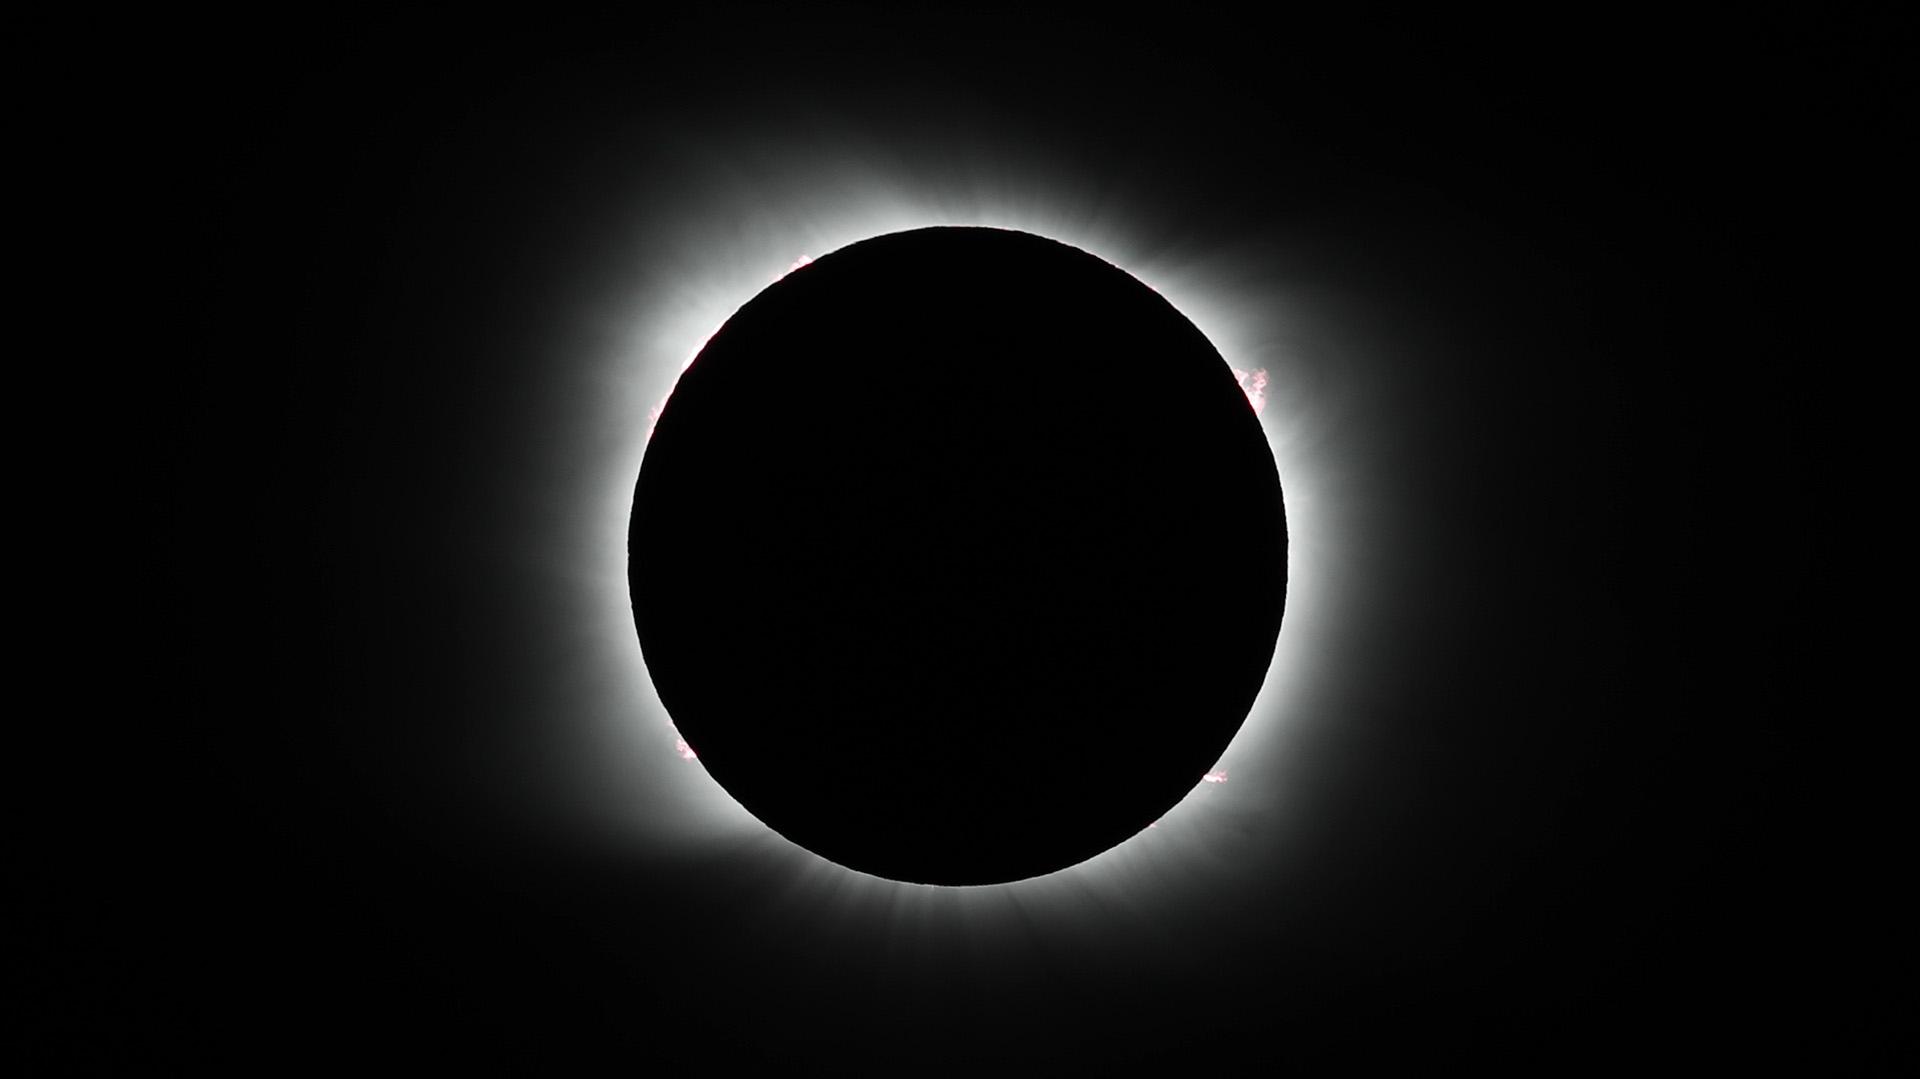 Un eclipse solar que pudo ser especialmente apreciado desde la Argentina y Chile maravilló al sur del continente americano